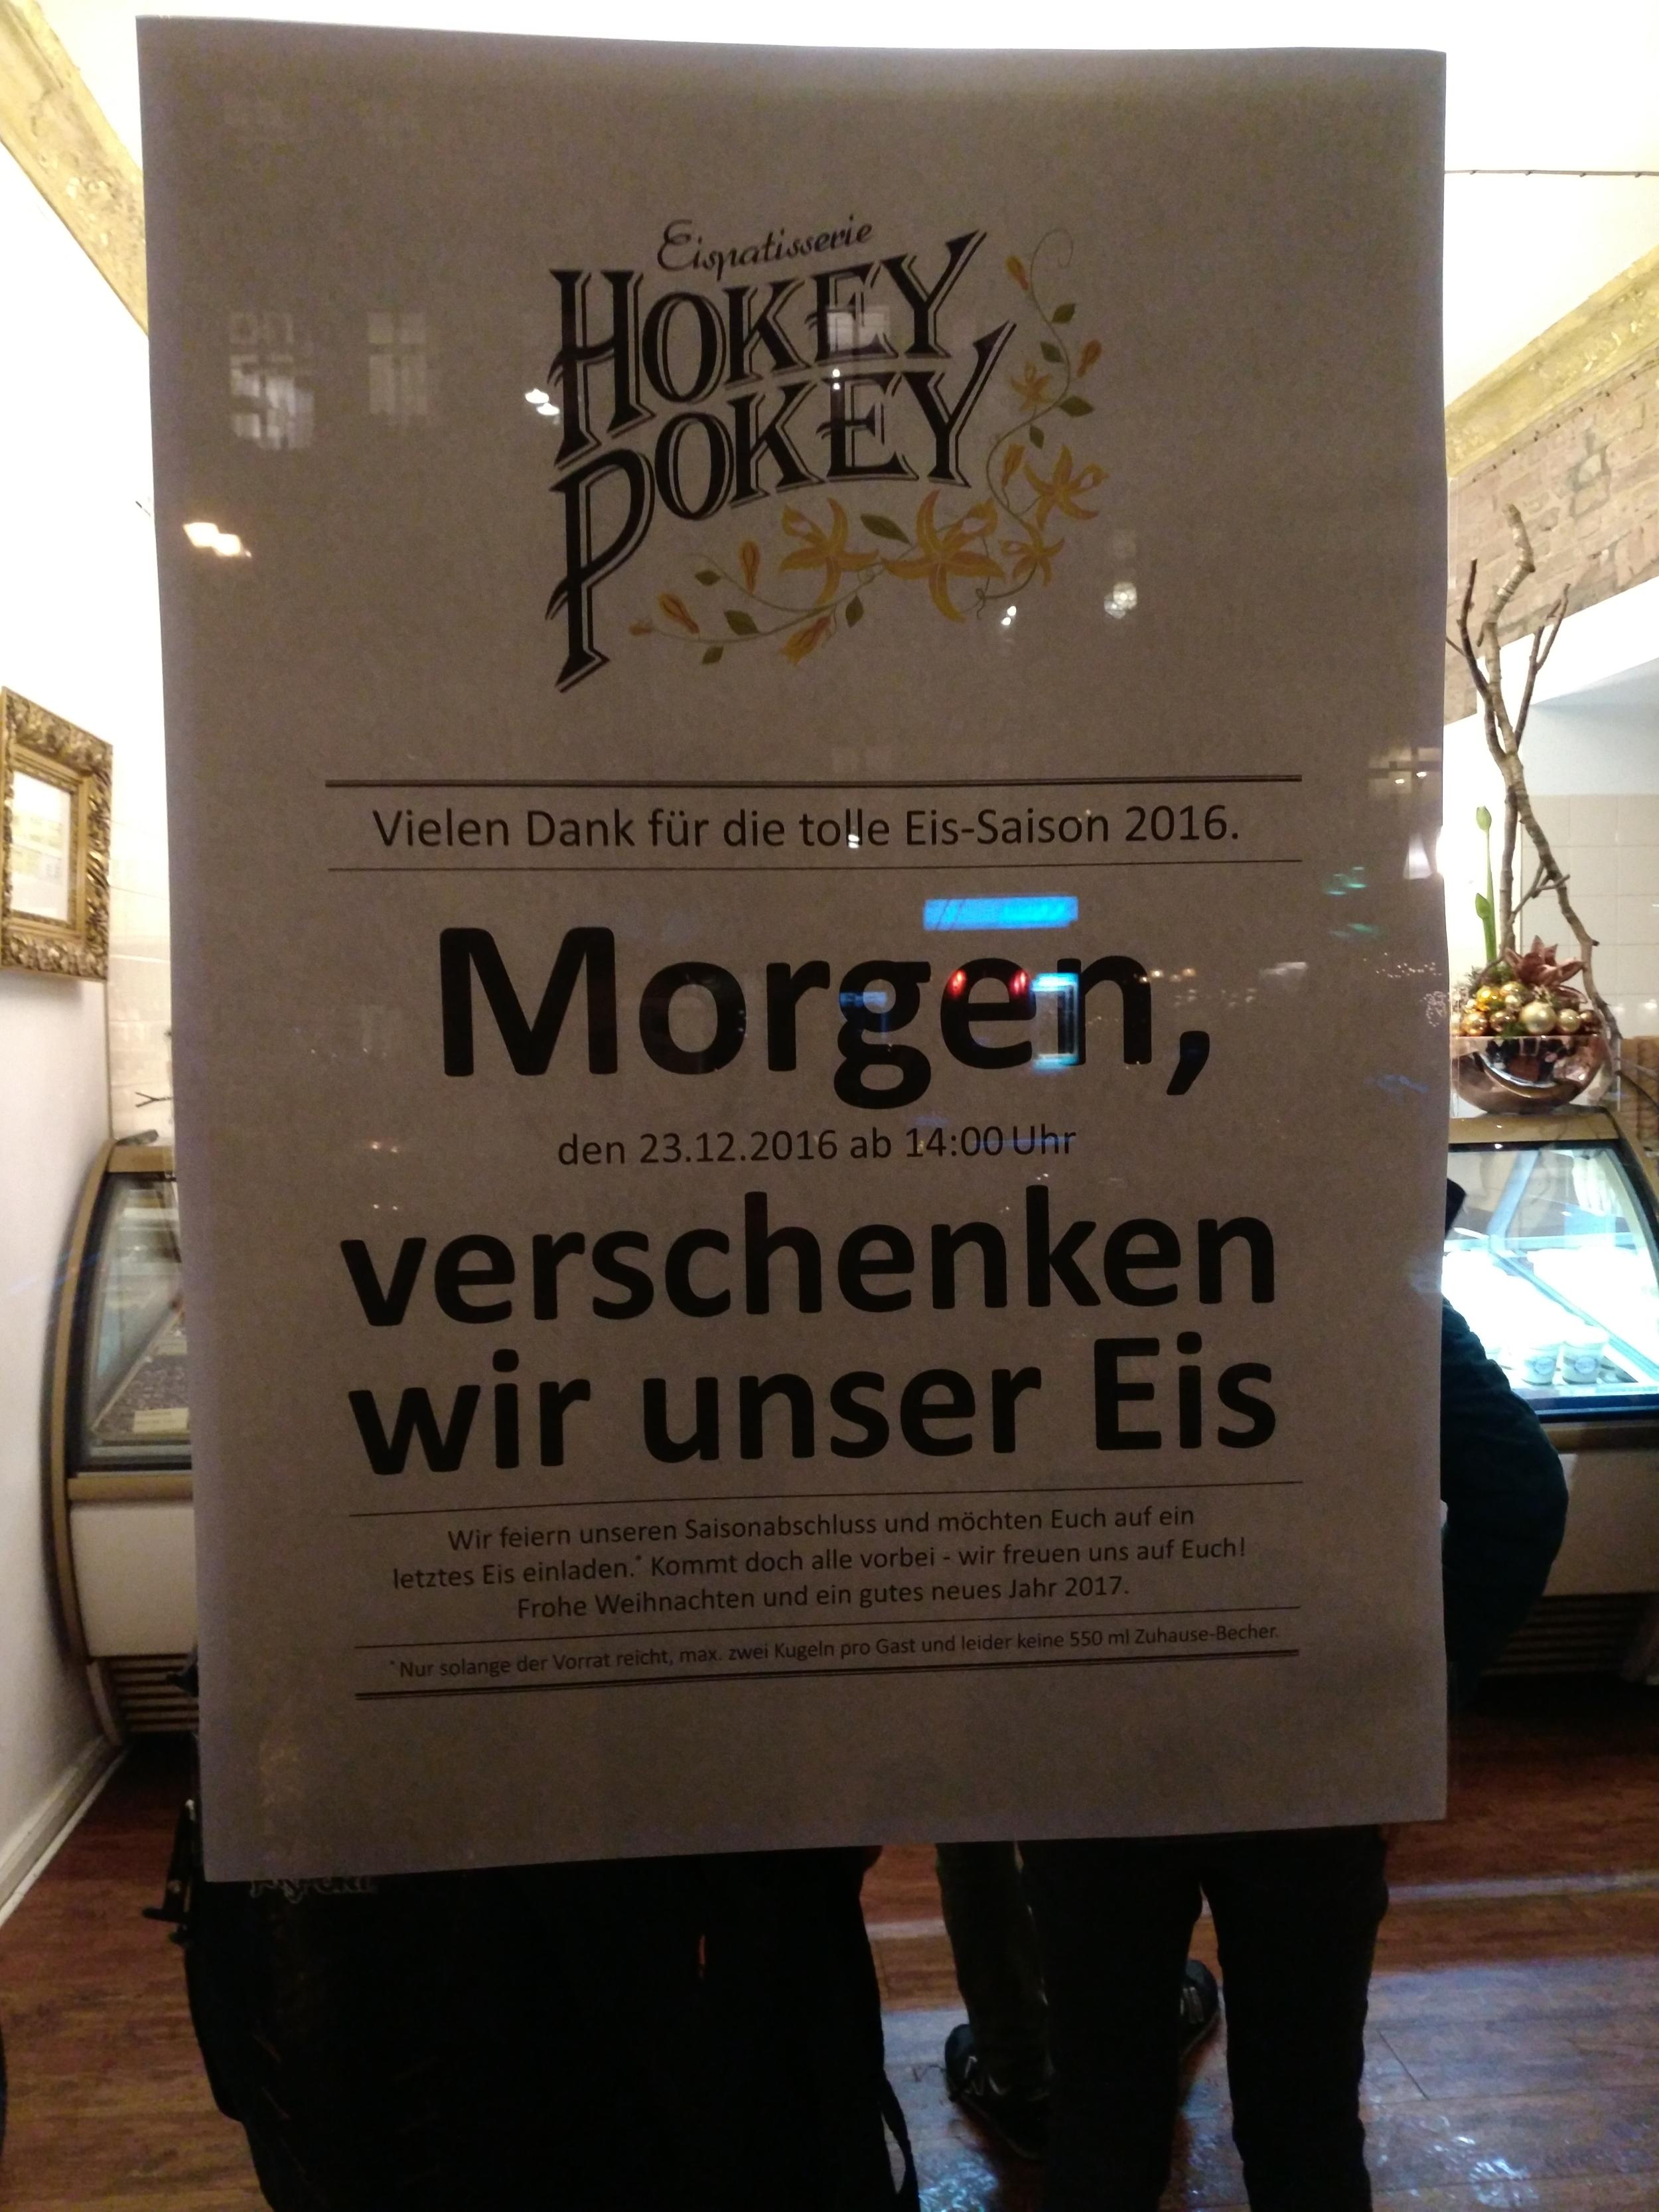 [LOKAL] 23.12 14:00Uhr Berlin Eis Stargarder Str. Hokey Pokey